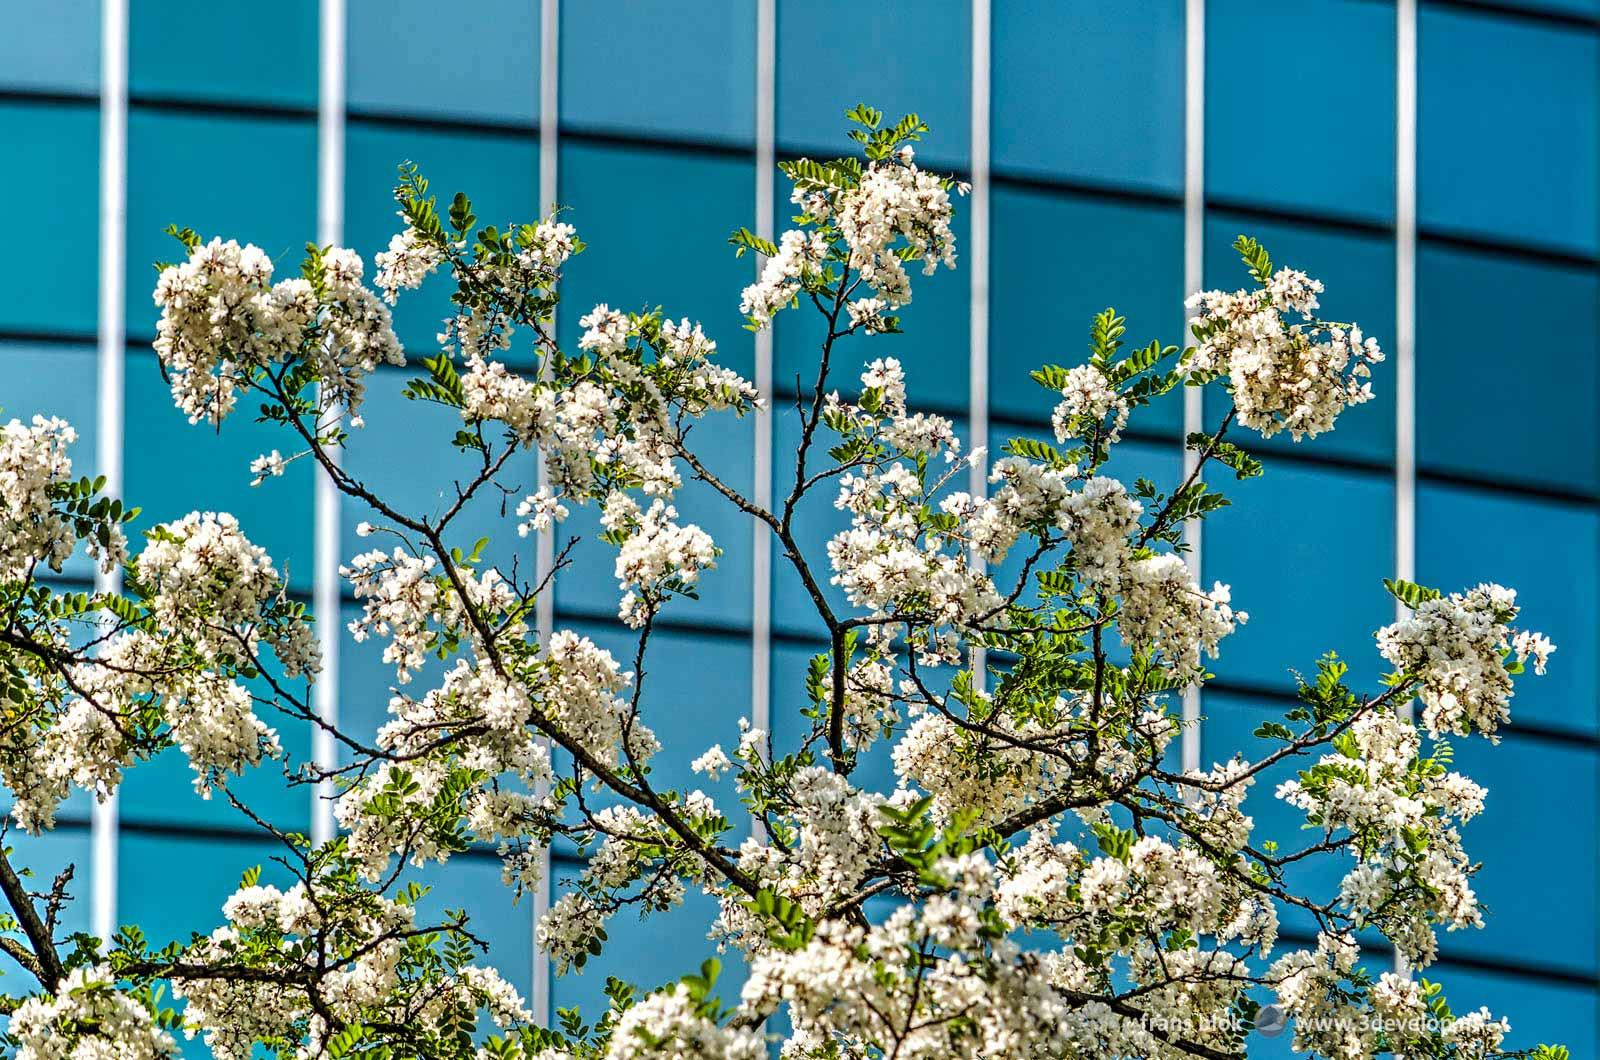 Een robinia pseudoacacia in bloei in de lente, met op de achtergrond de glazen gevel van het World Trade Center in Rotterdam